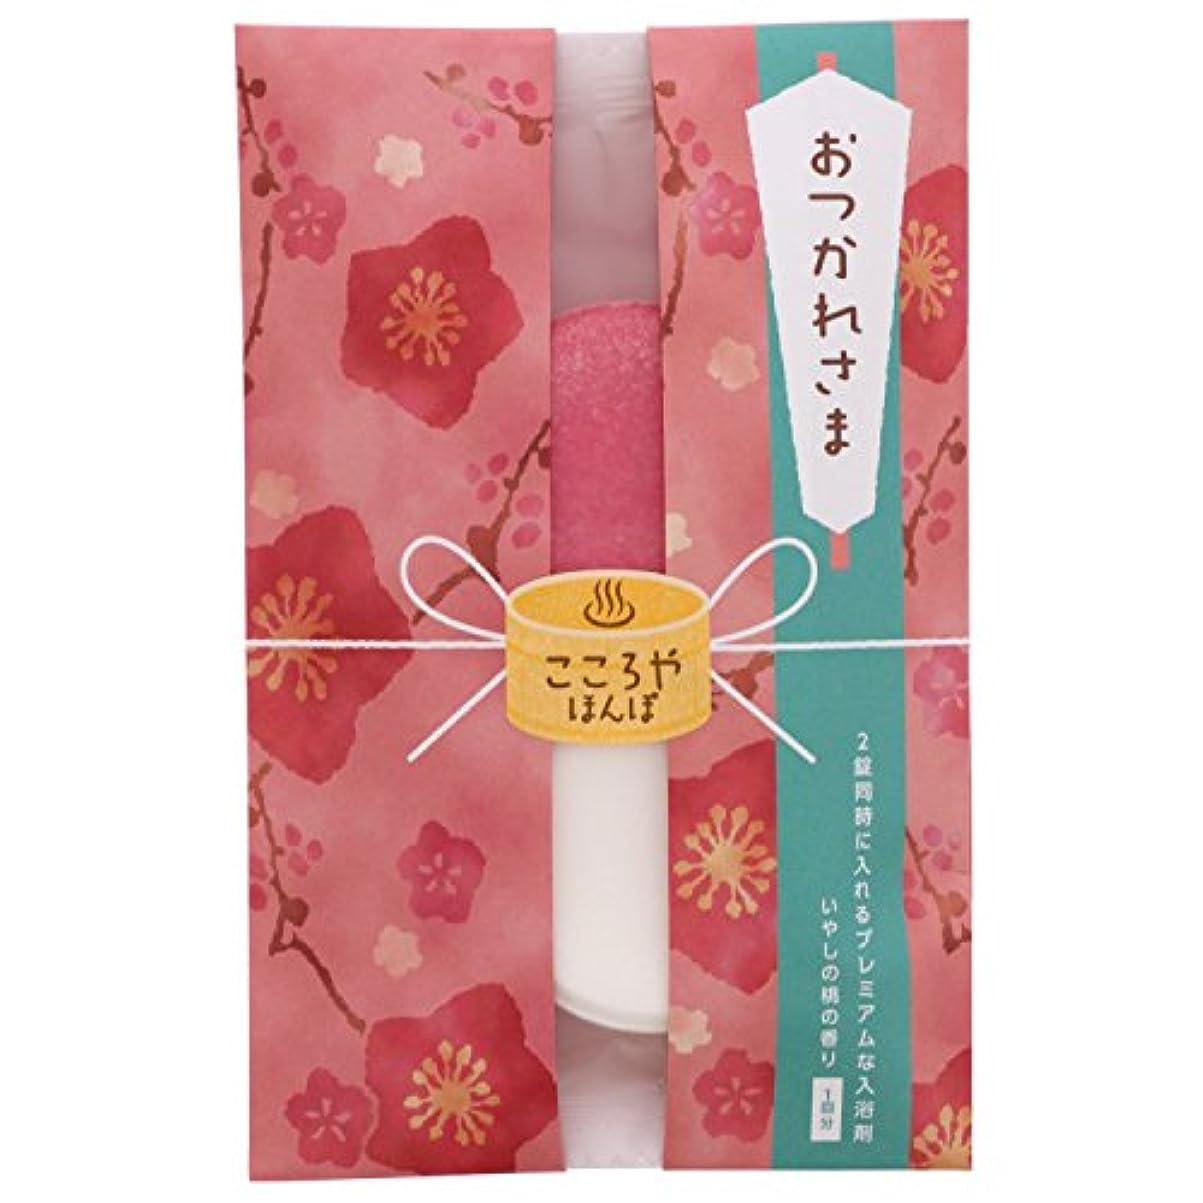 不条理シルエットフルーティーこころやほんぽ カジュアルギフト 入浴剤 おつかれさま 桃の香り 50g